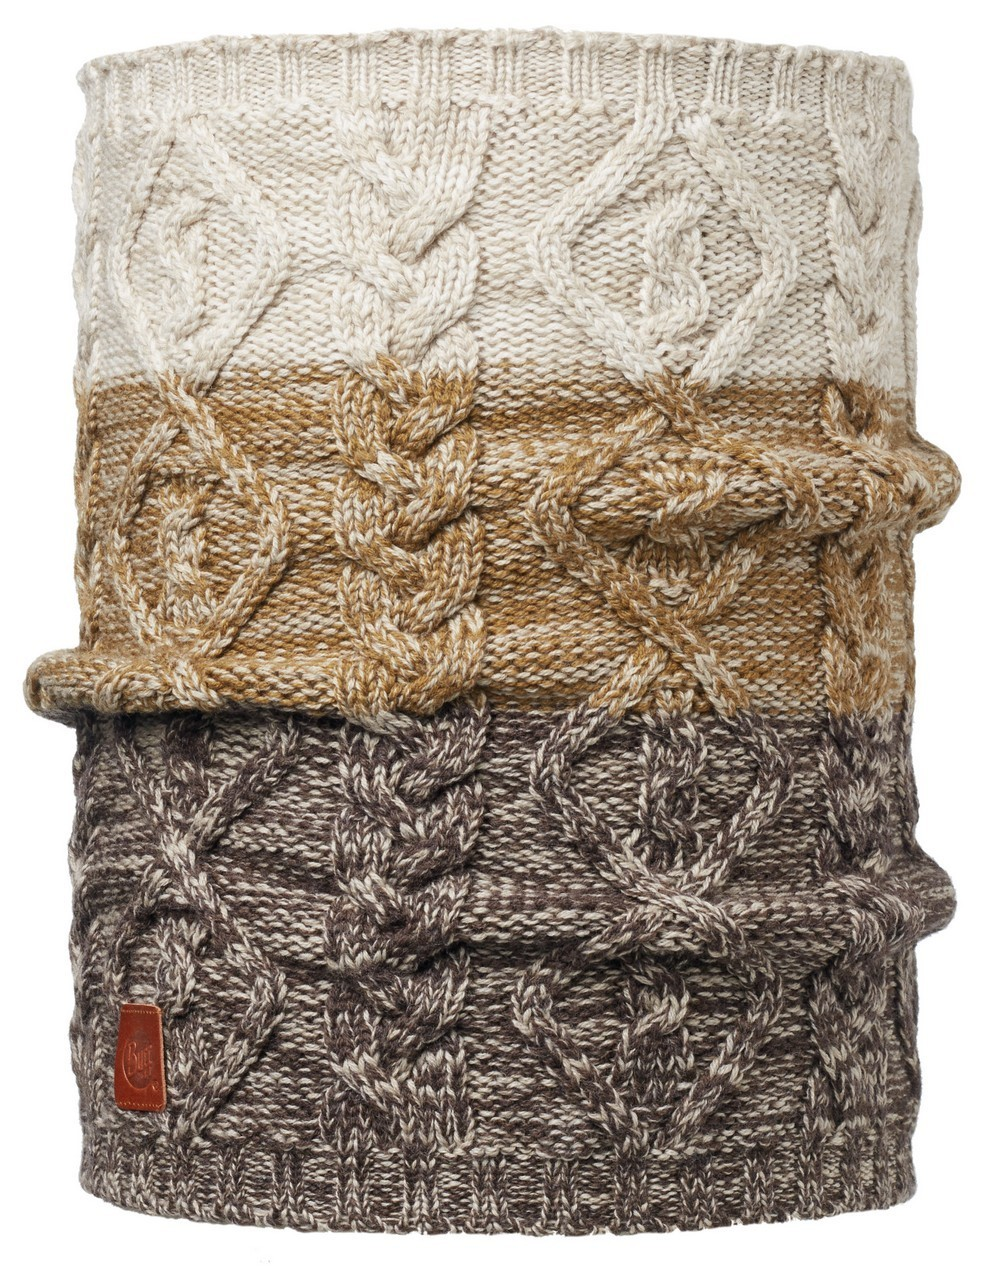 Вязаные шарфы Вязаный шарф-труба Buff Nuba Nut 1855.305.10.jpg